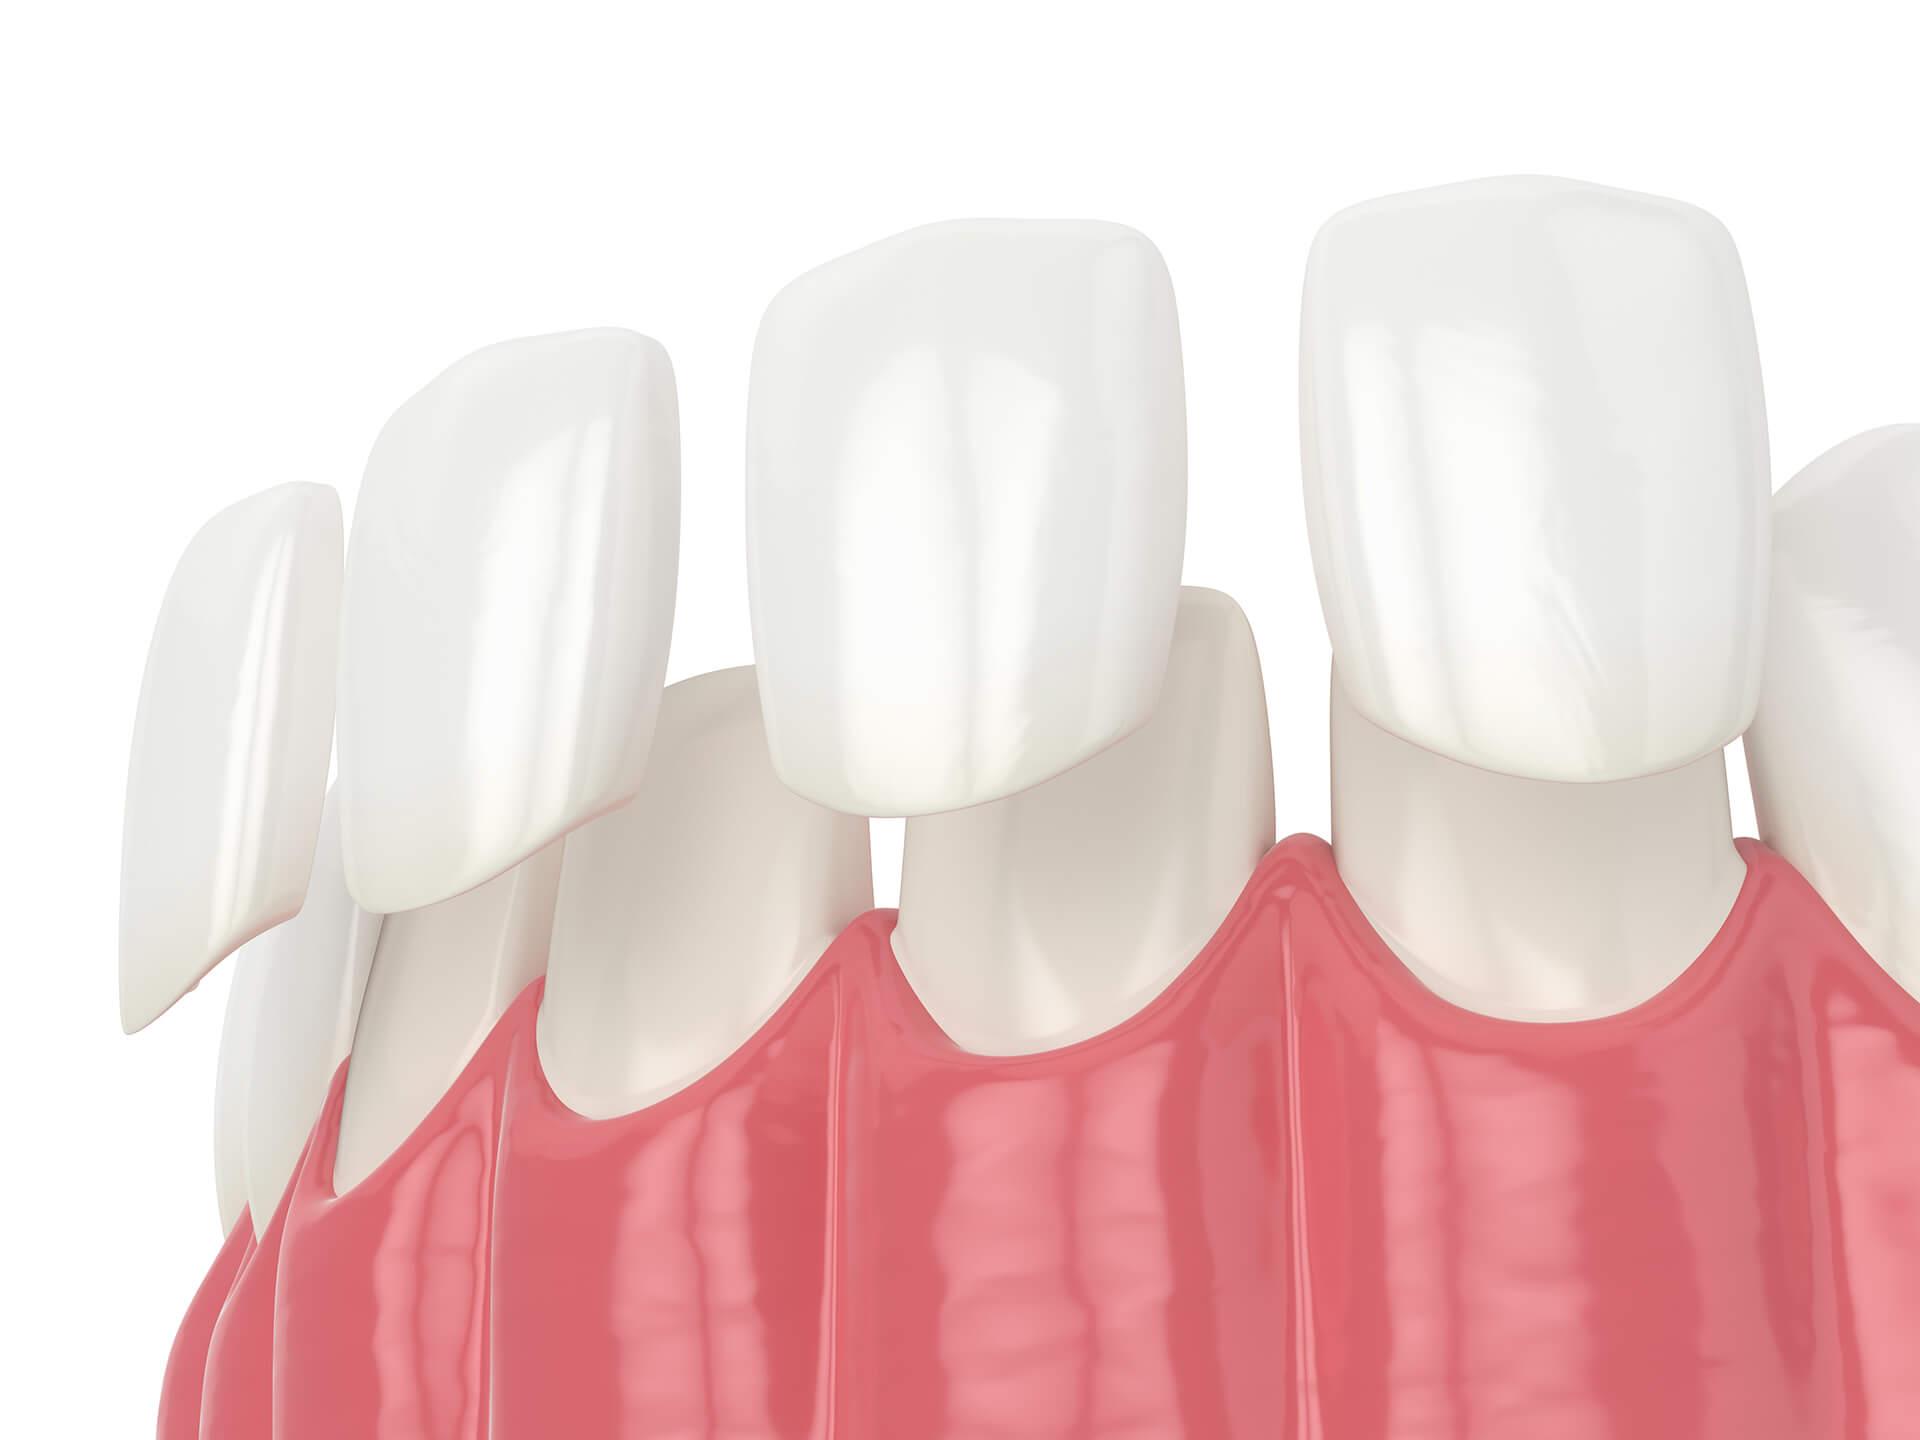 Facette dentaire comment ca se voit